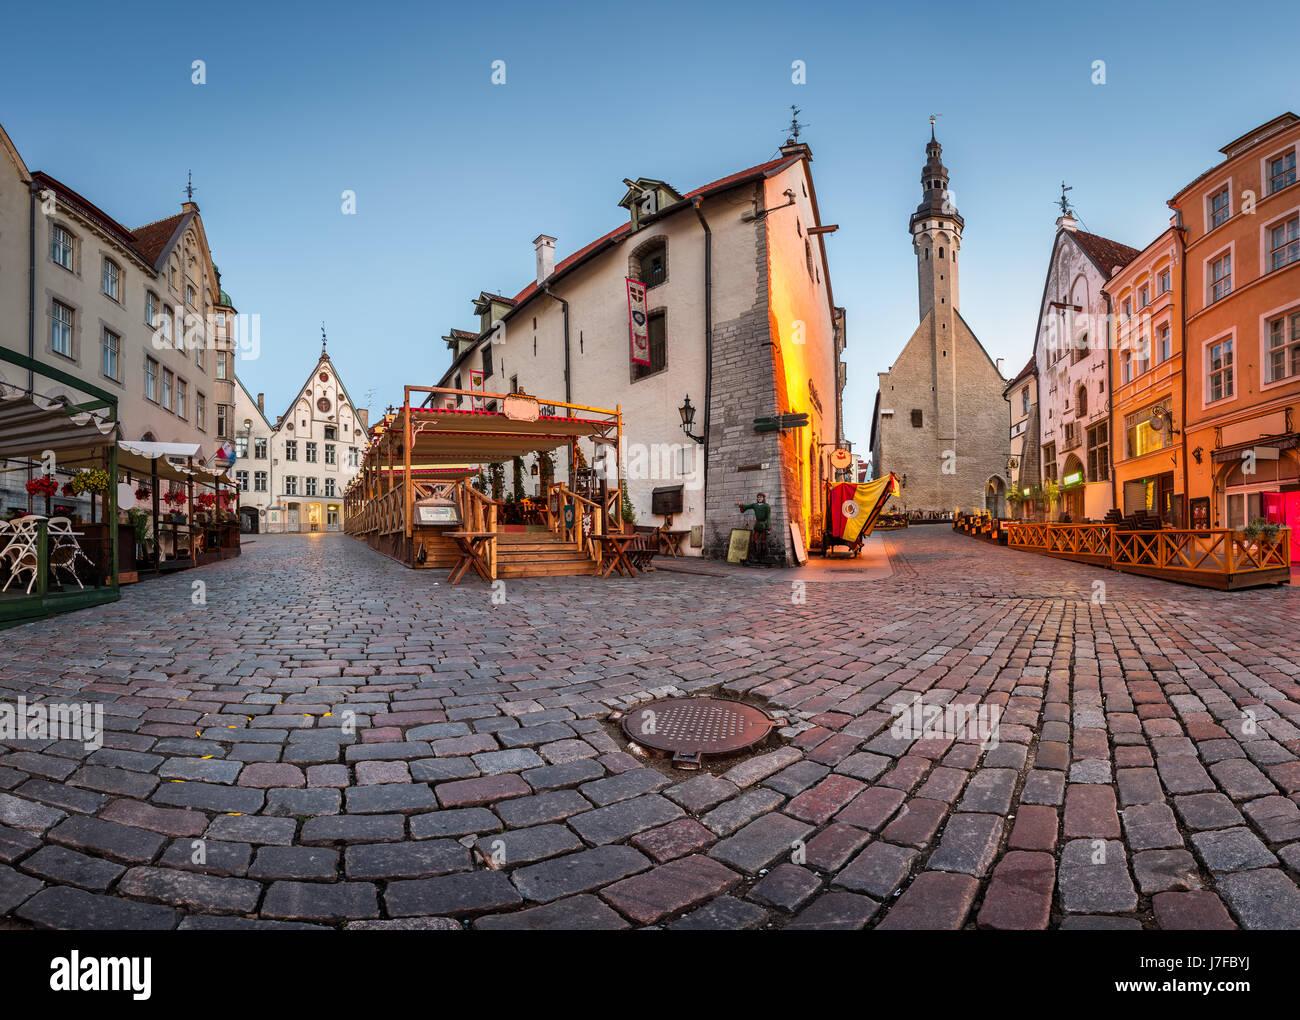 Tallinn Town Hall and Olde Hansa Restaurant in the Morning, Tallinn, Estonia - Stock Image